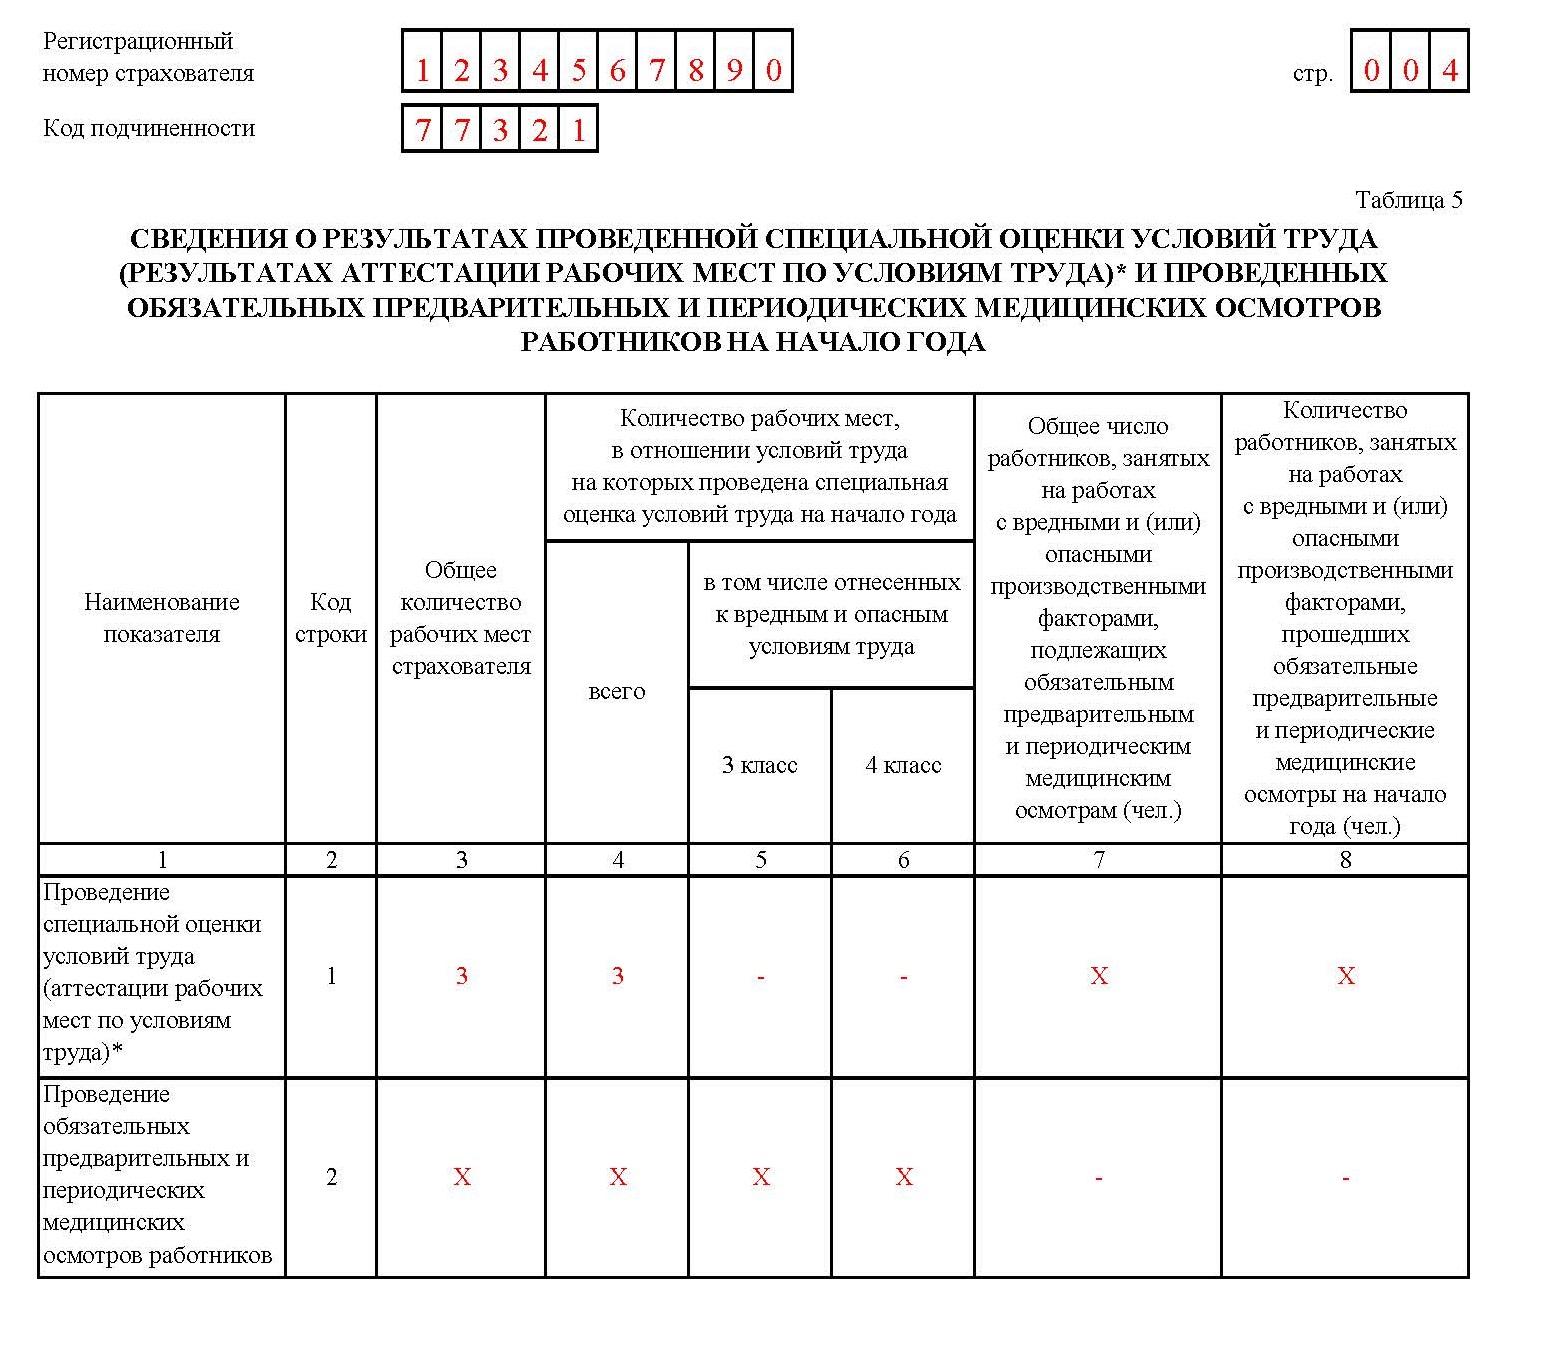 Больничные листы в Москве Зюзино пилотный проект